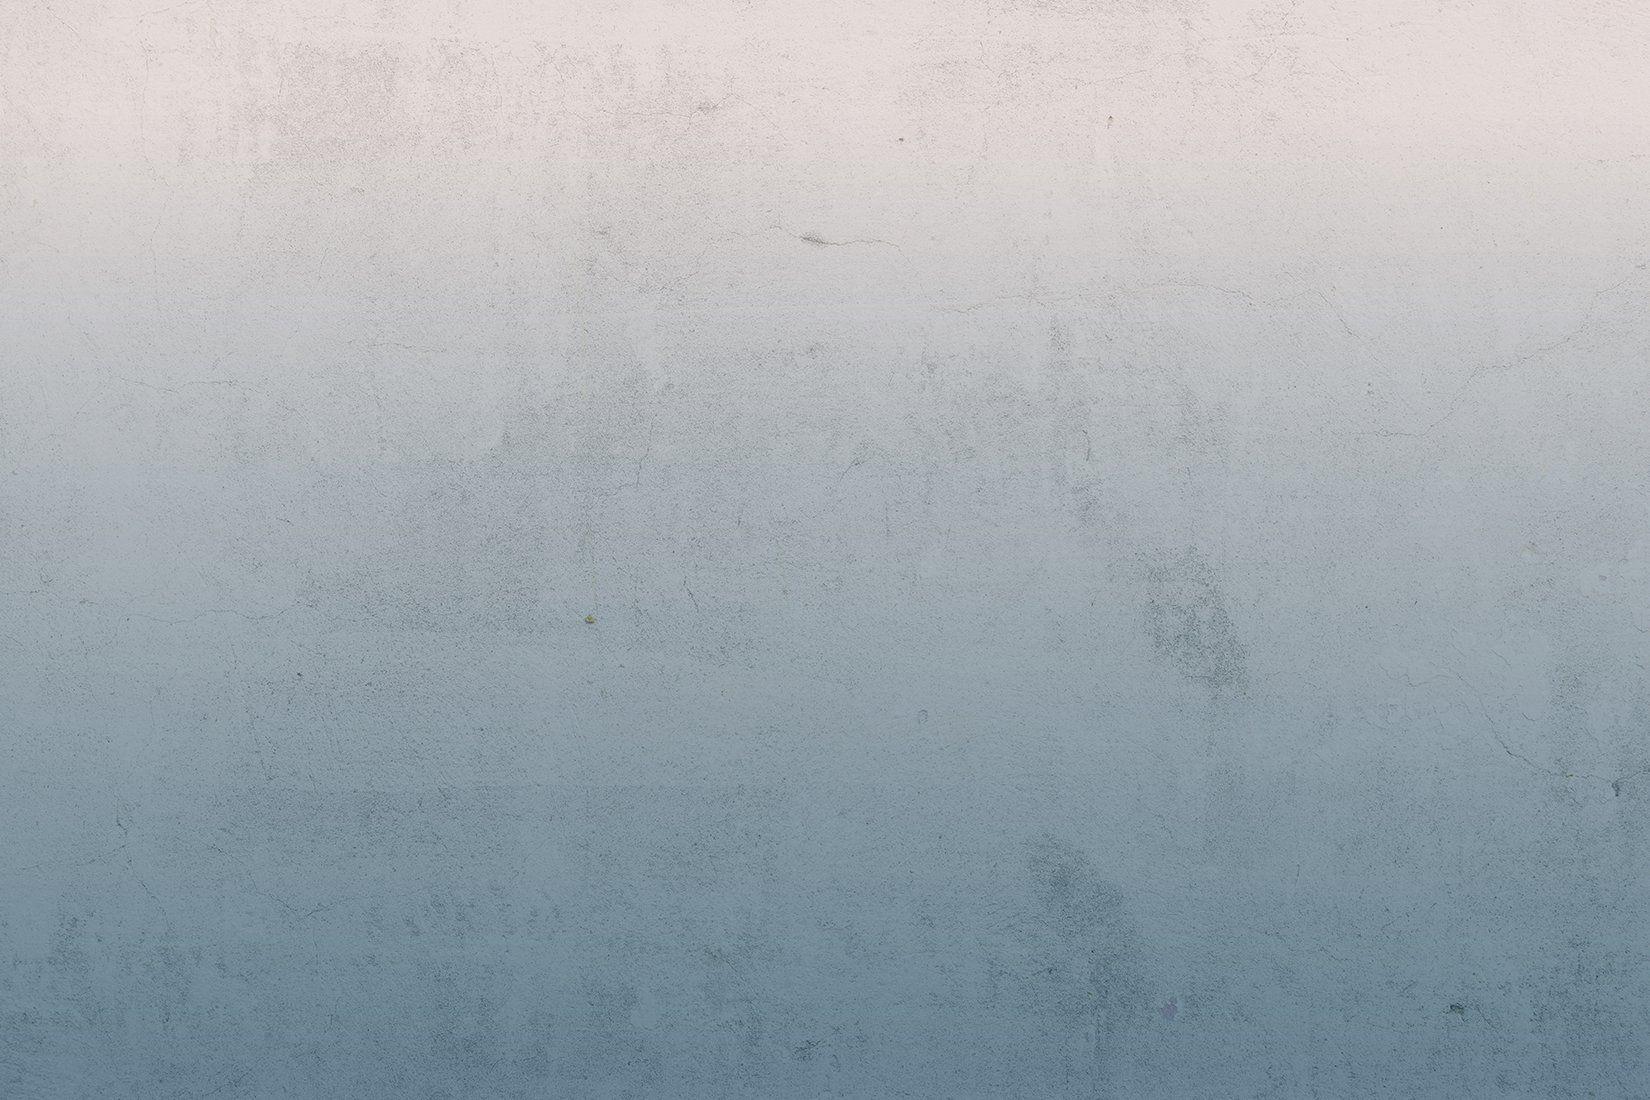 Verspüren Sie Mit Unserer Meer Dunst Ombré Blau Tapete Eine Meeresbriese  Direkt